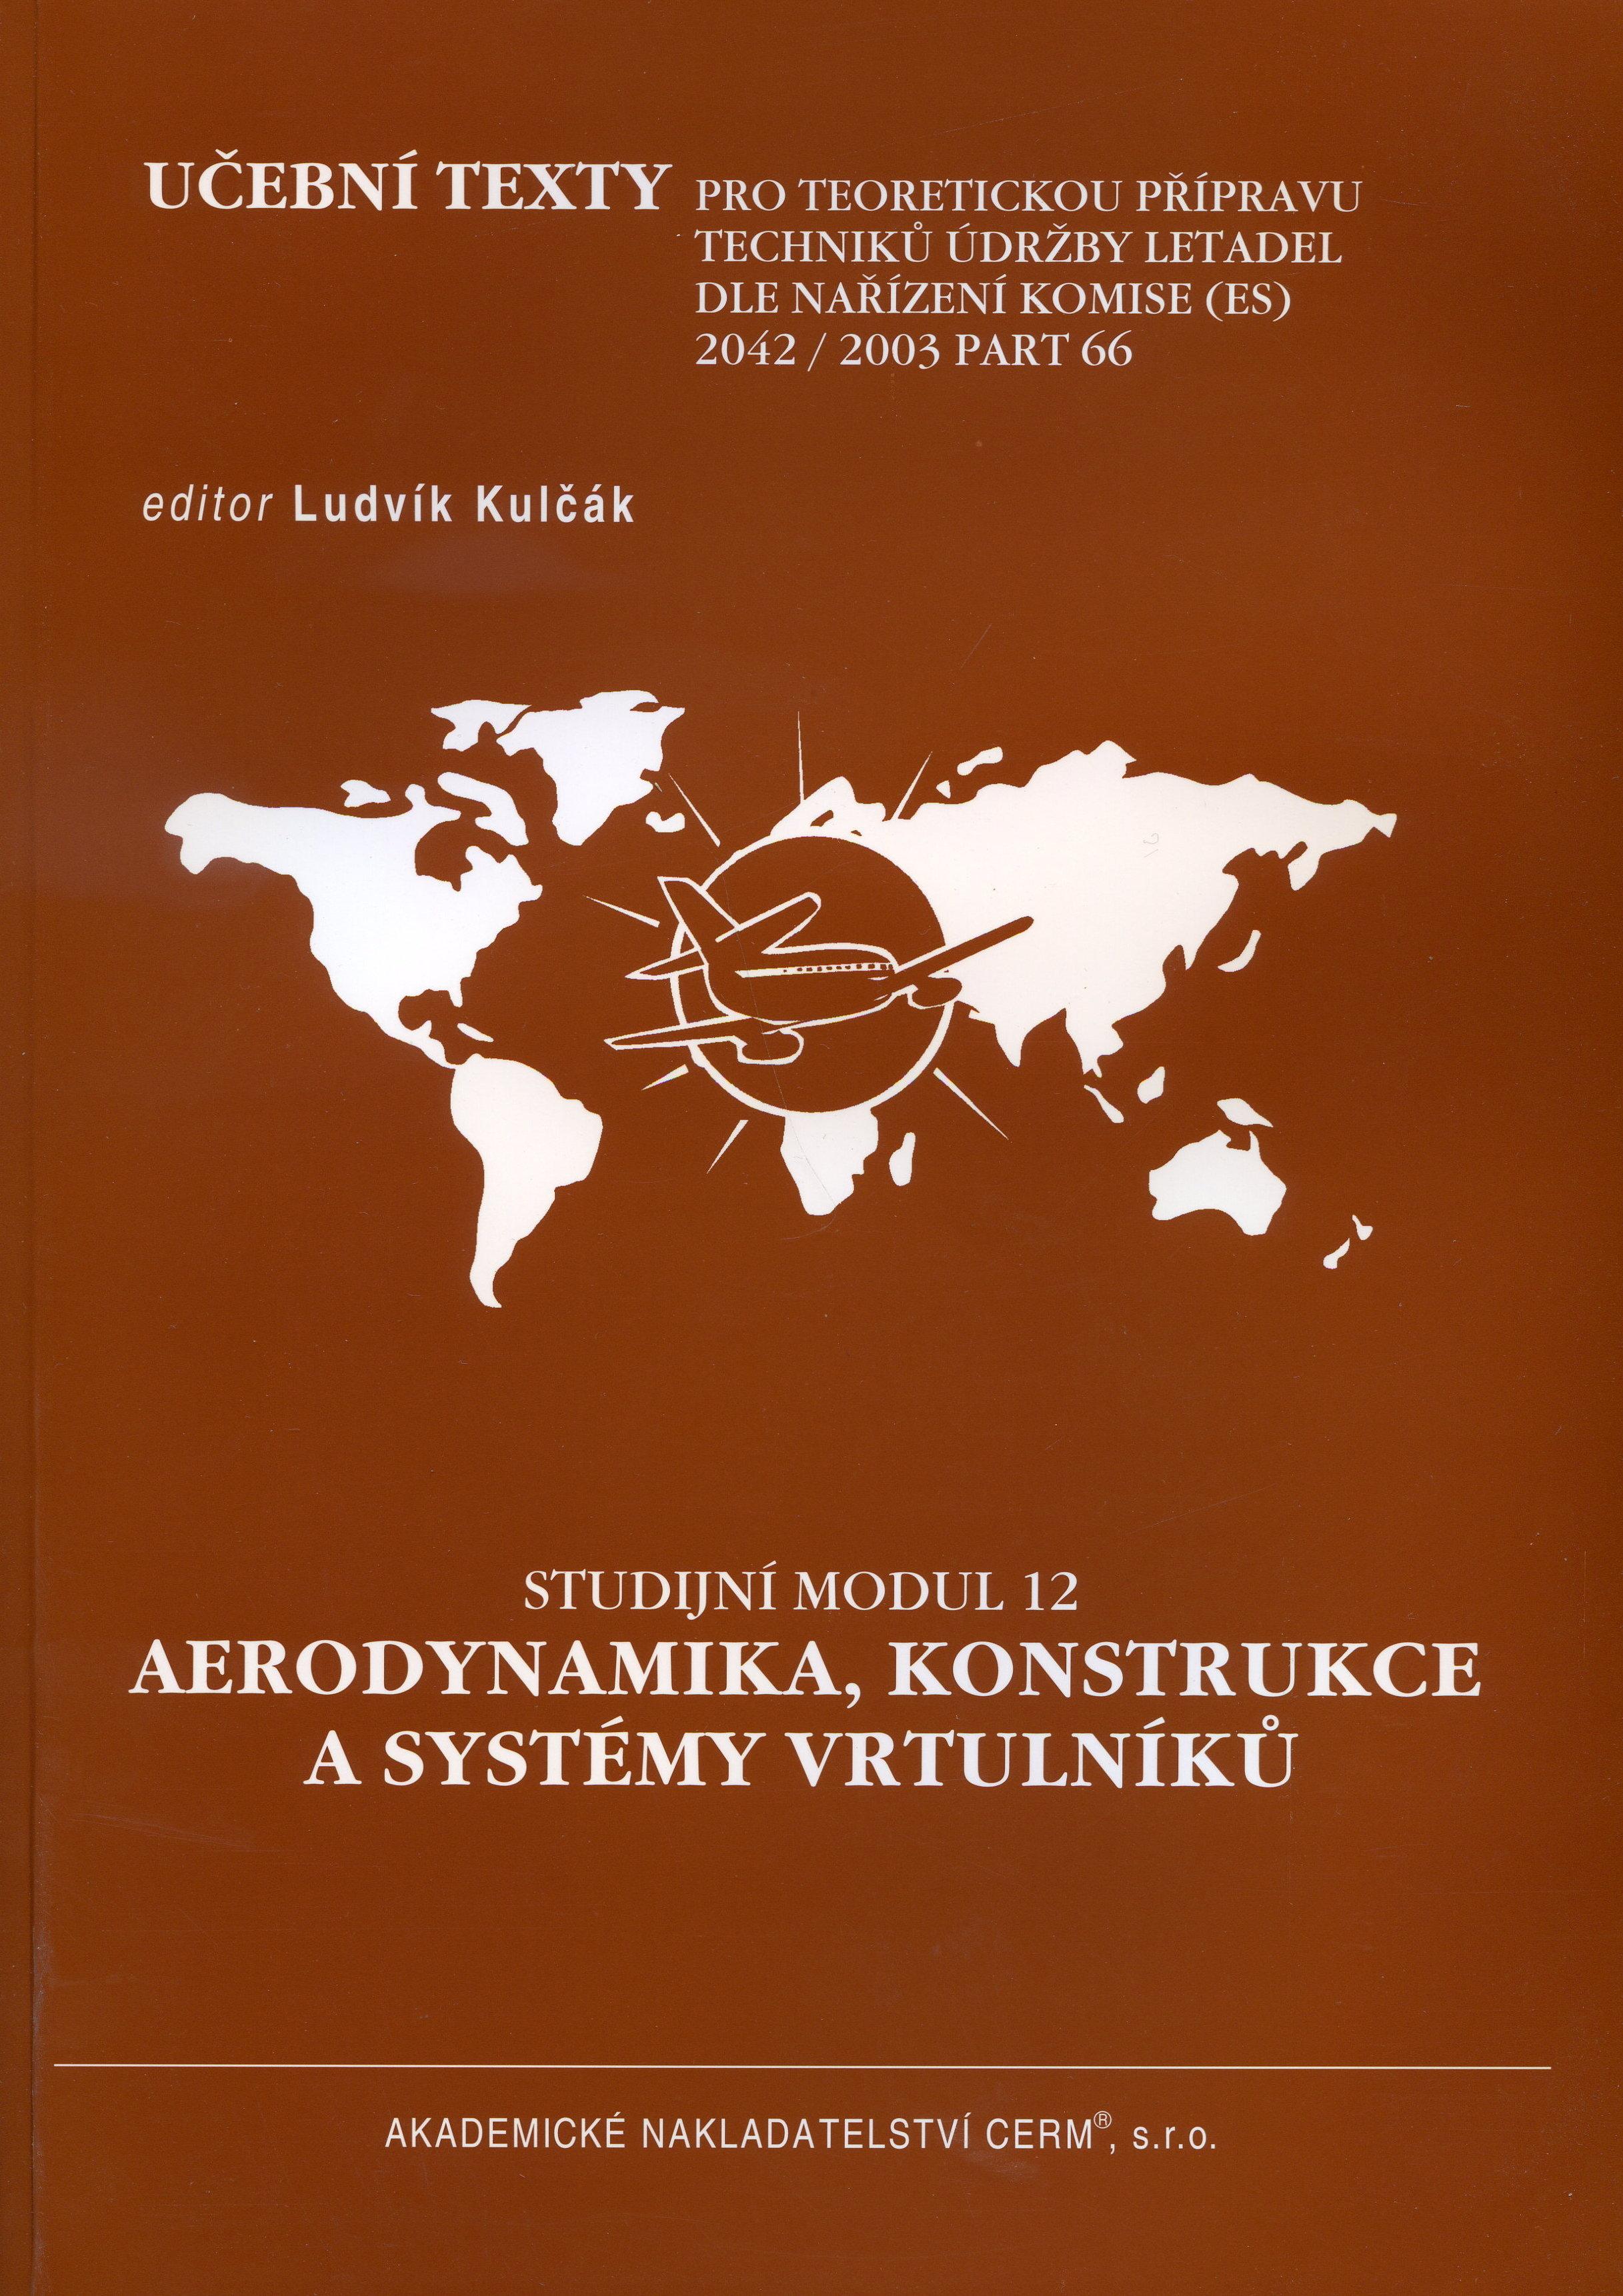 Aerodynamika, konstrukce a systémy vrtulníků - Studijní modul 12 - Učební texty pro teoretickou přípravu techniků údržby letadel dle nařízení komise (ES) 2042/2003 PART 66